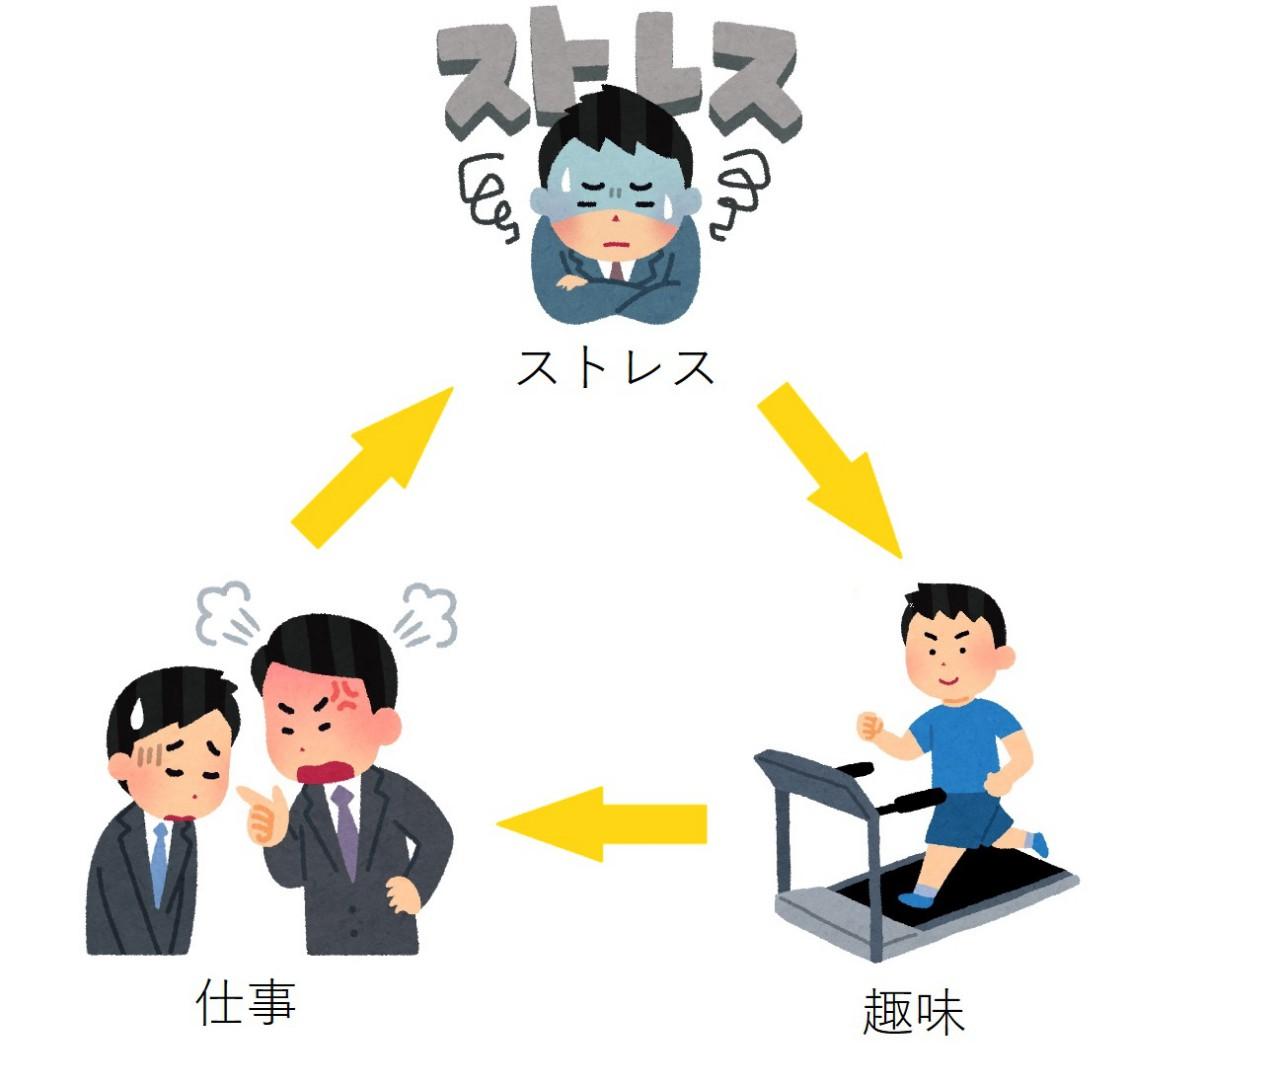 仕事のストレスを解消する方法【解消できない理由】